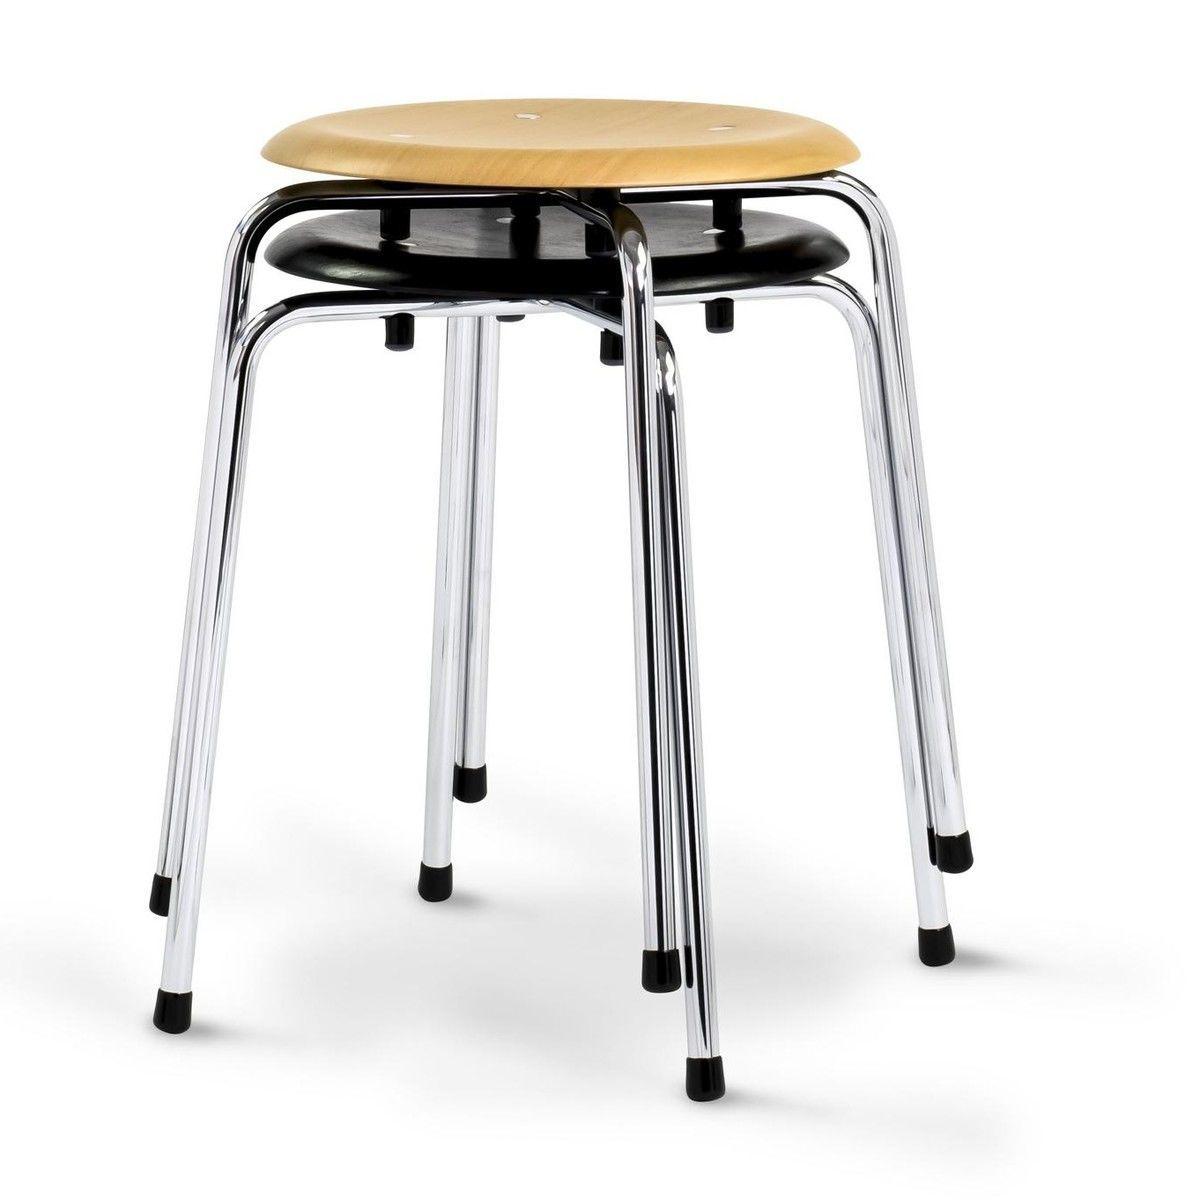 eiermann hocker s 38 s 1 wilde spieth. Black Bedroom Furniture Sets. Home Design Ideas